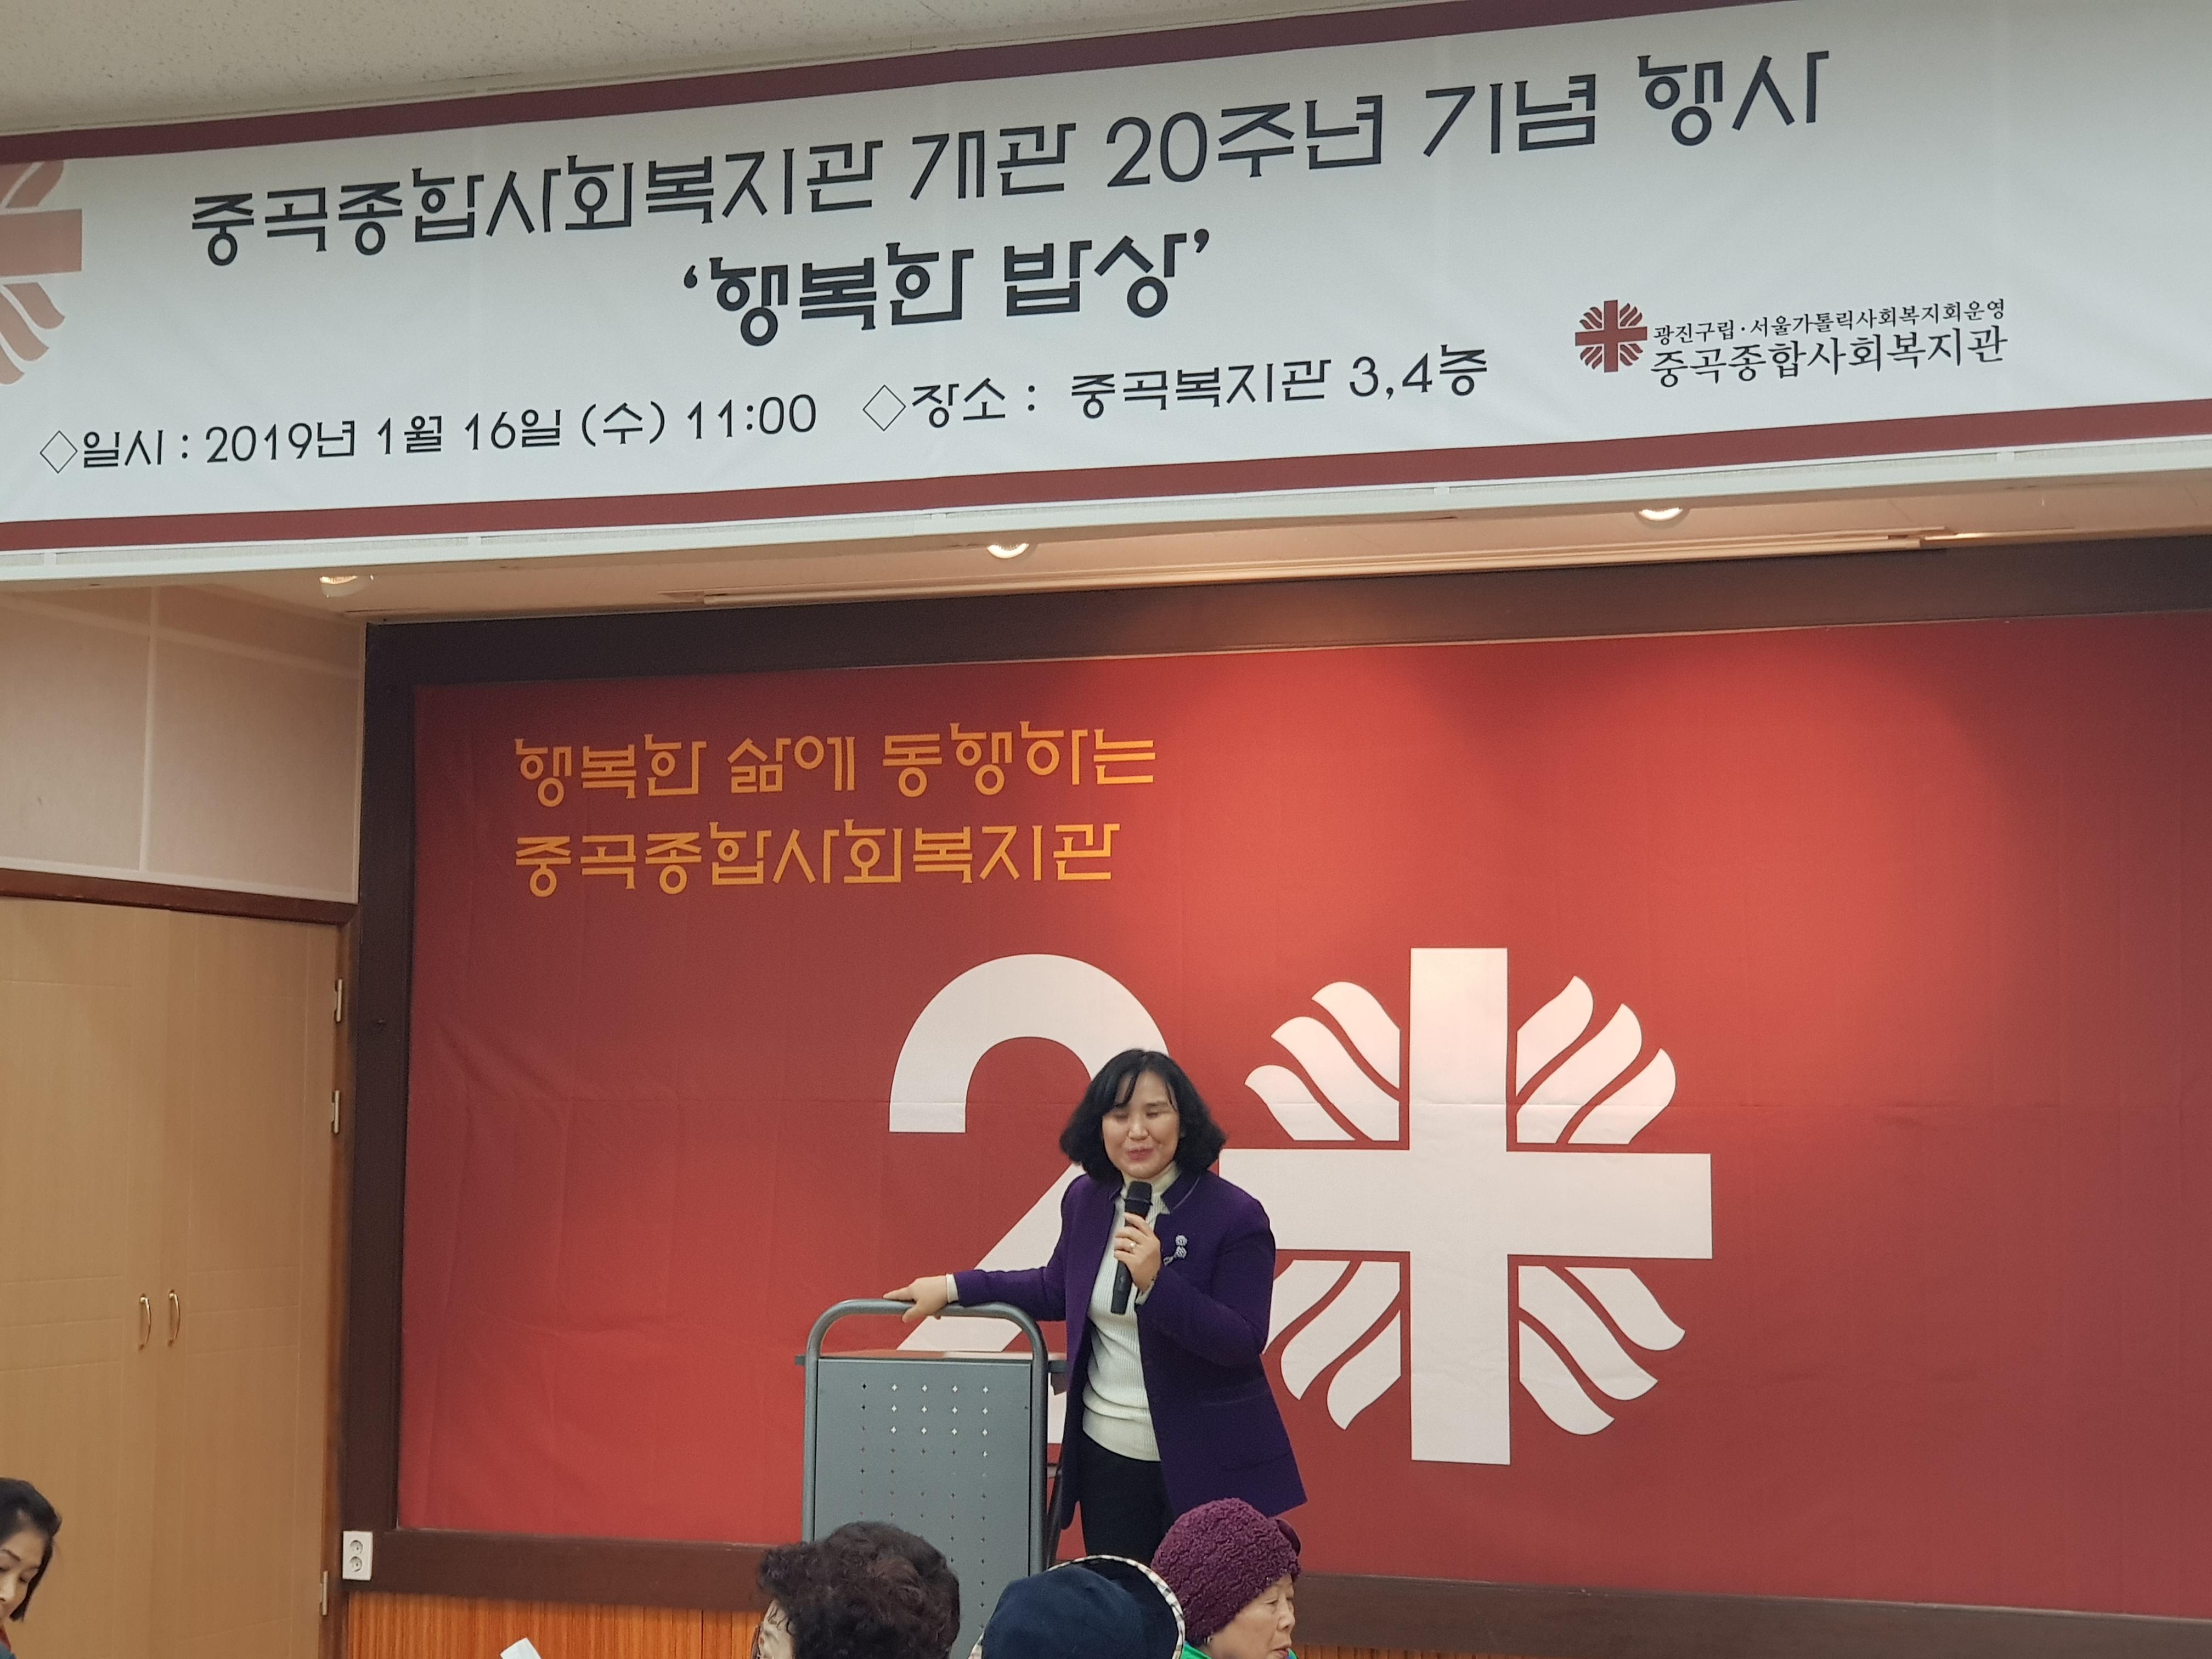 2019년 중곡종합사회복지관 개관20주년 기념 '행복한밥상' 나눔행사 실시